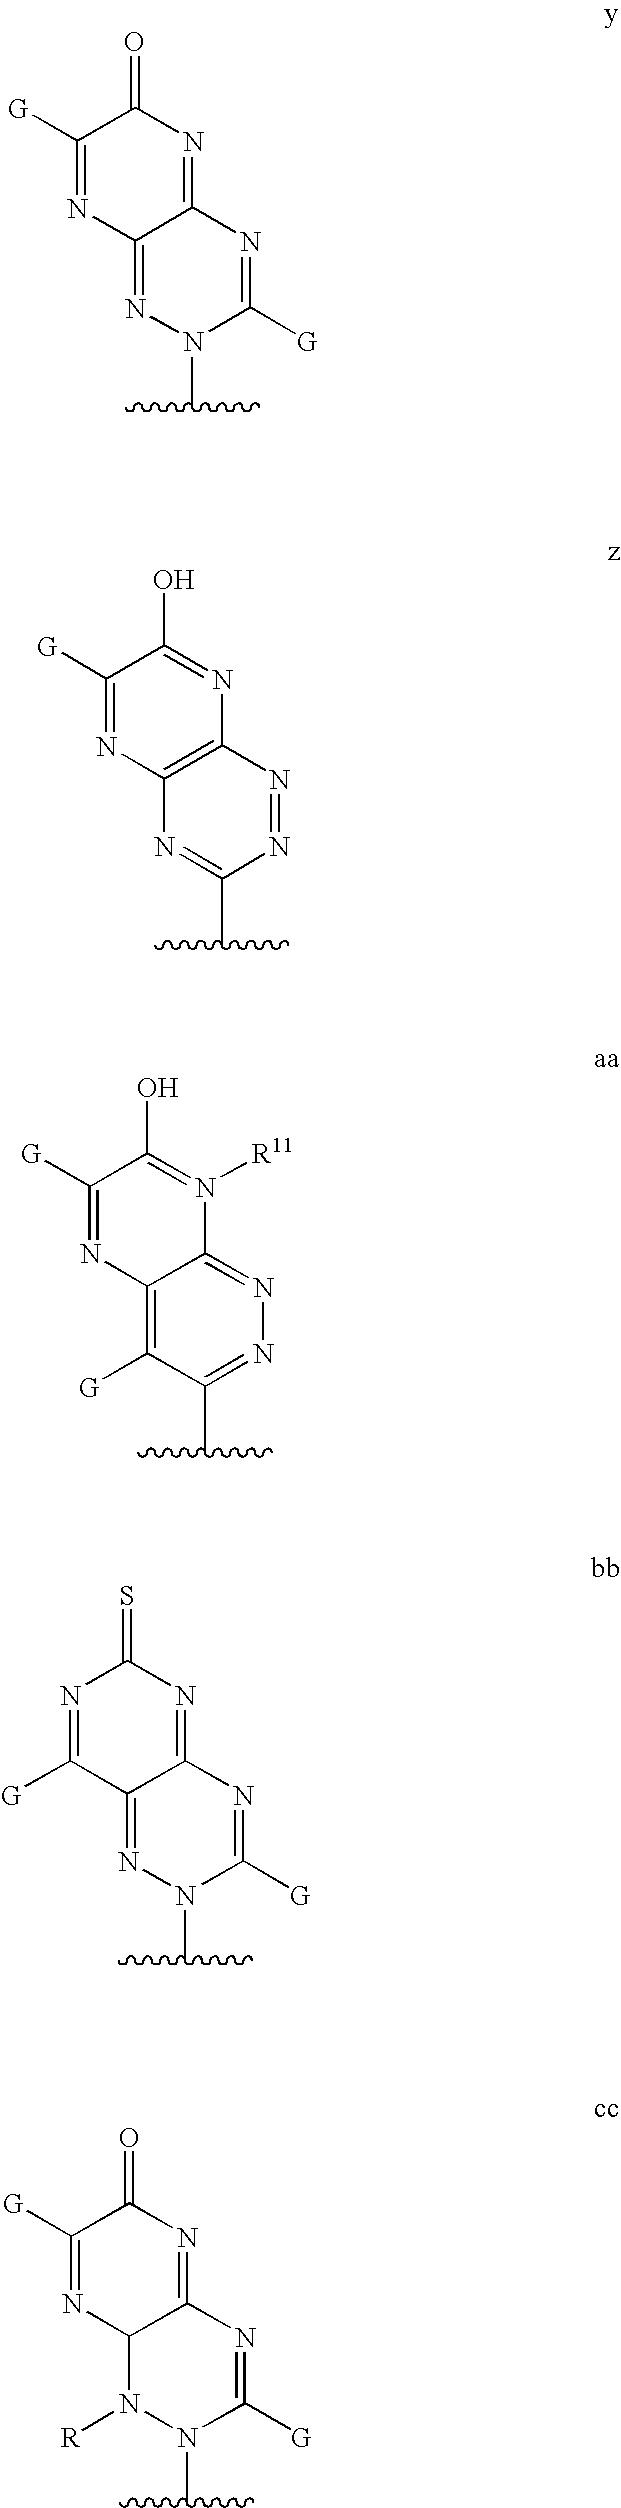 Figure US08173621-20120508-C00009